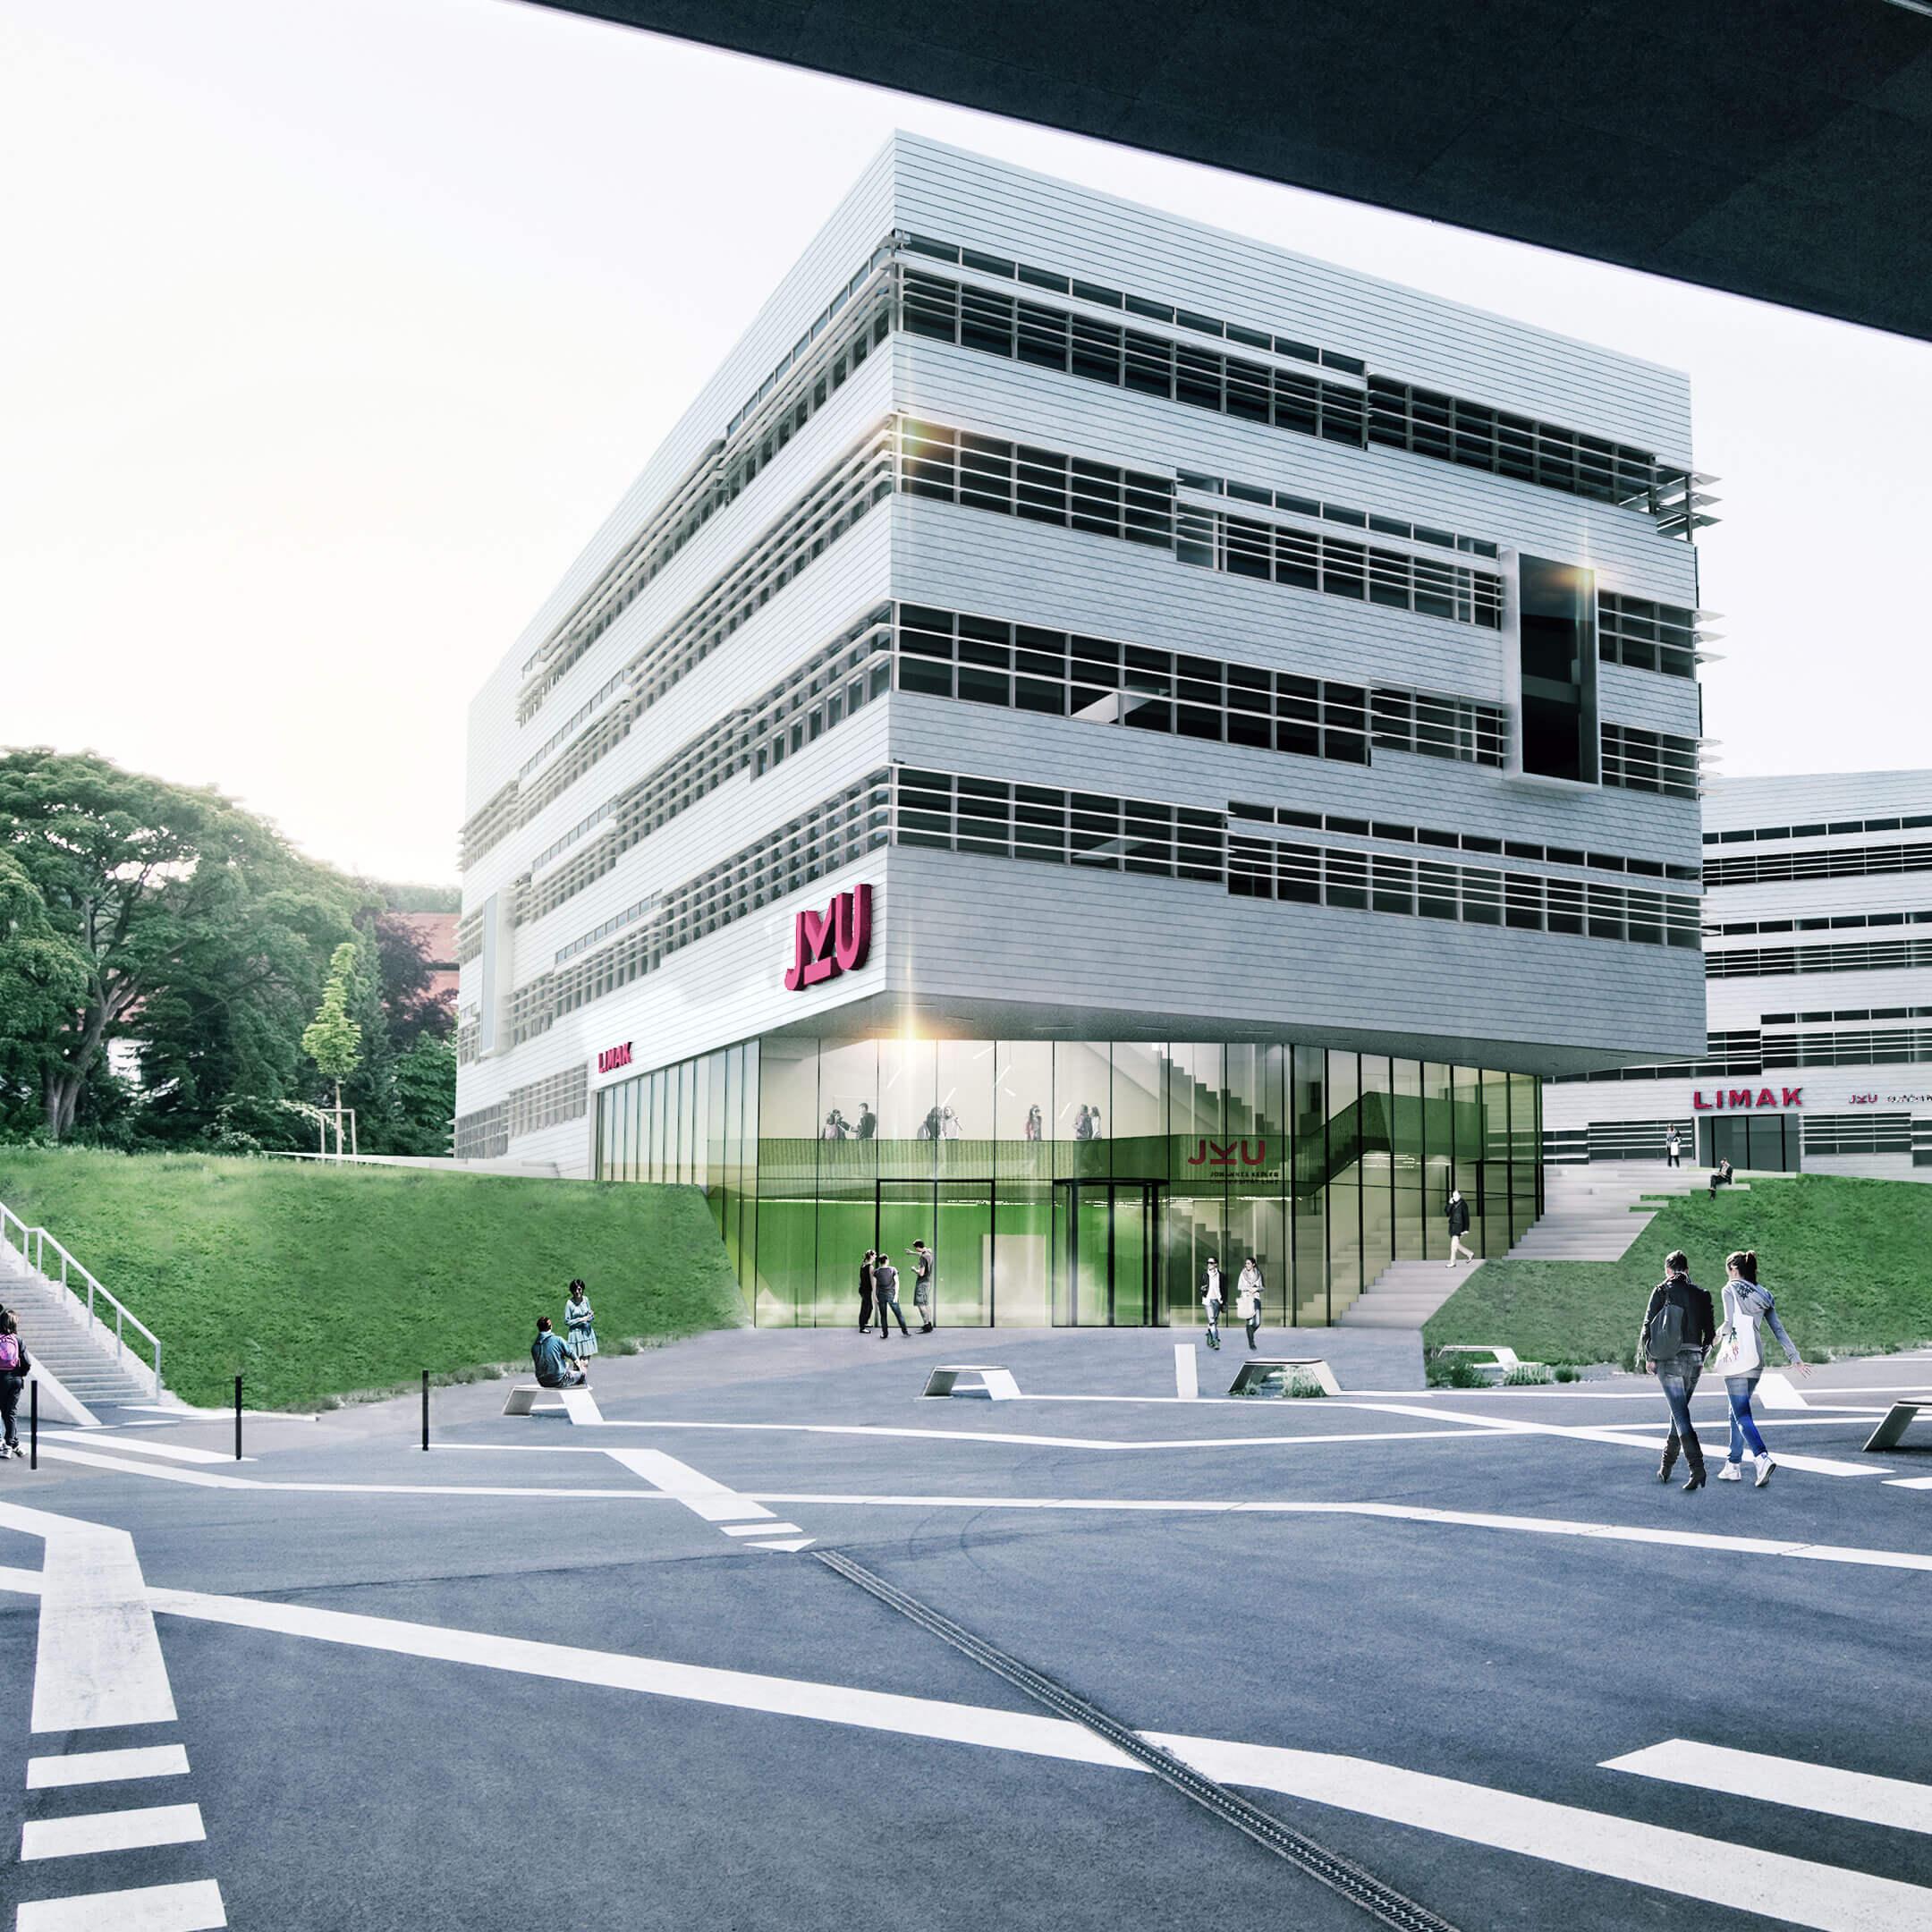 JKU-Linz-Sciencepark